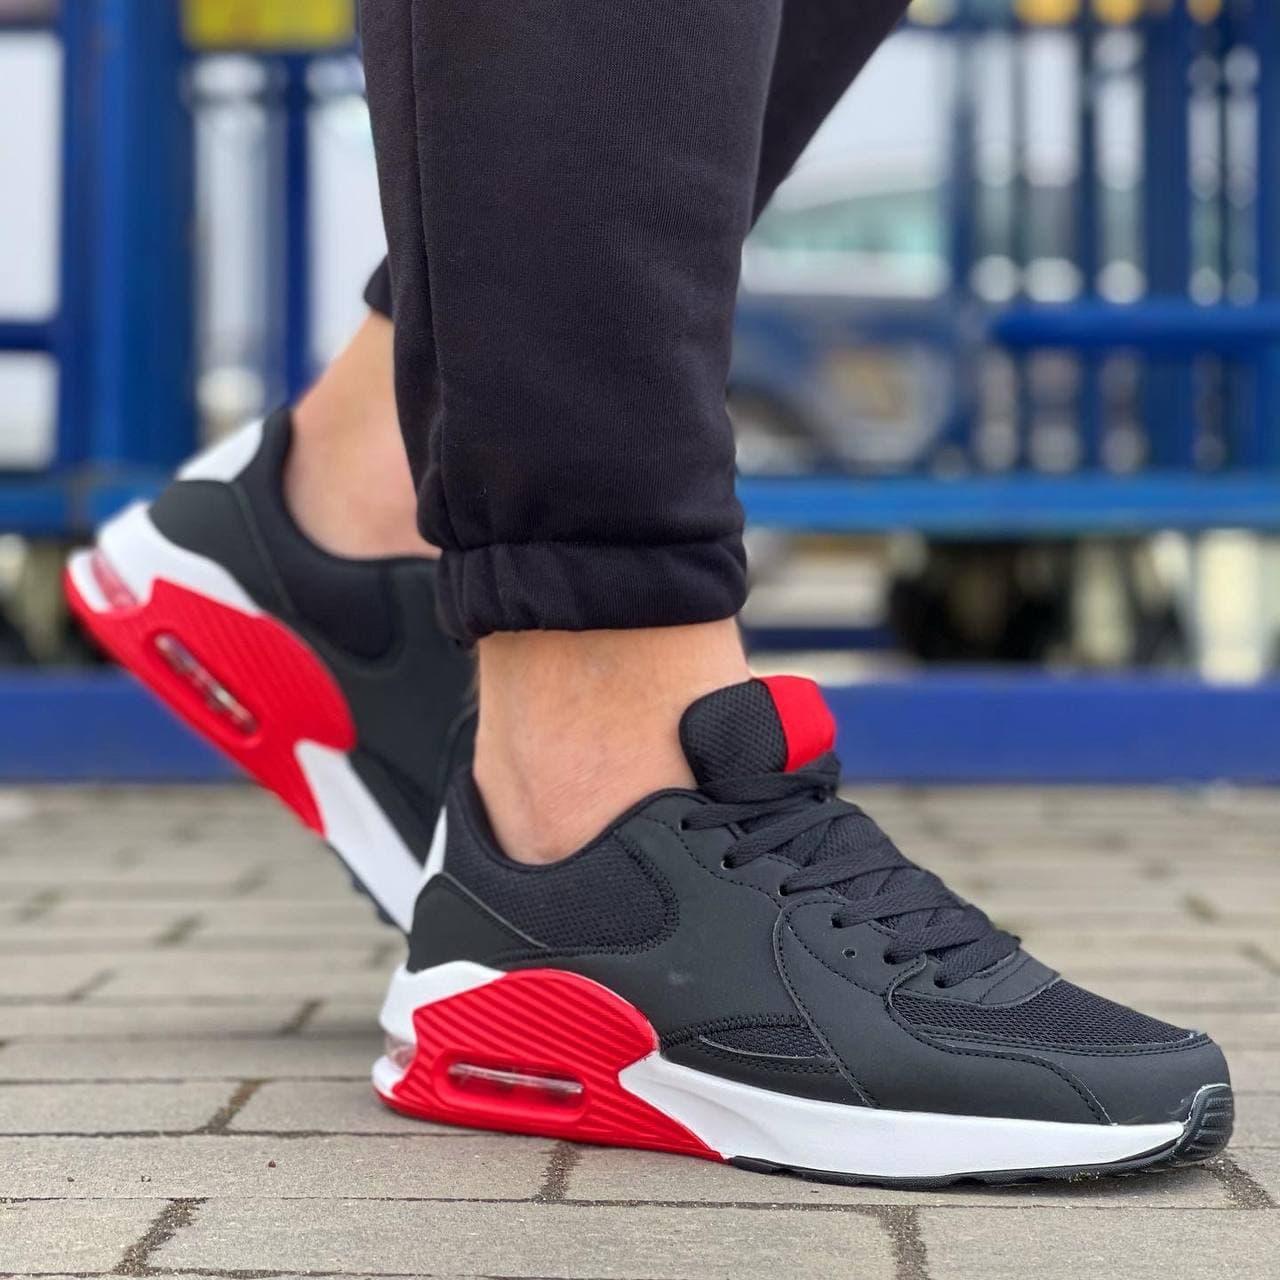 Чоловічі кросівки в стилі ривал 40-45 чорні з червоним 0127